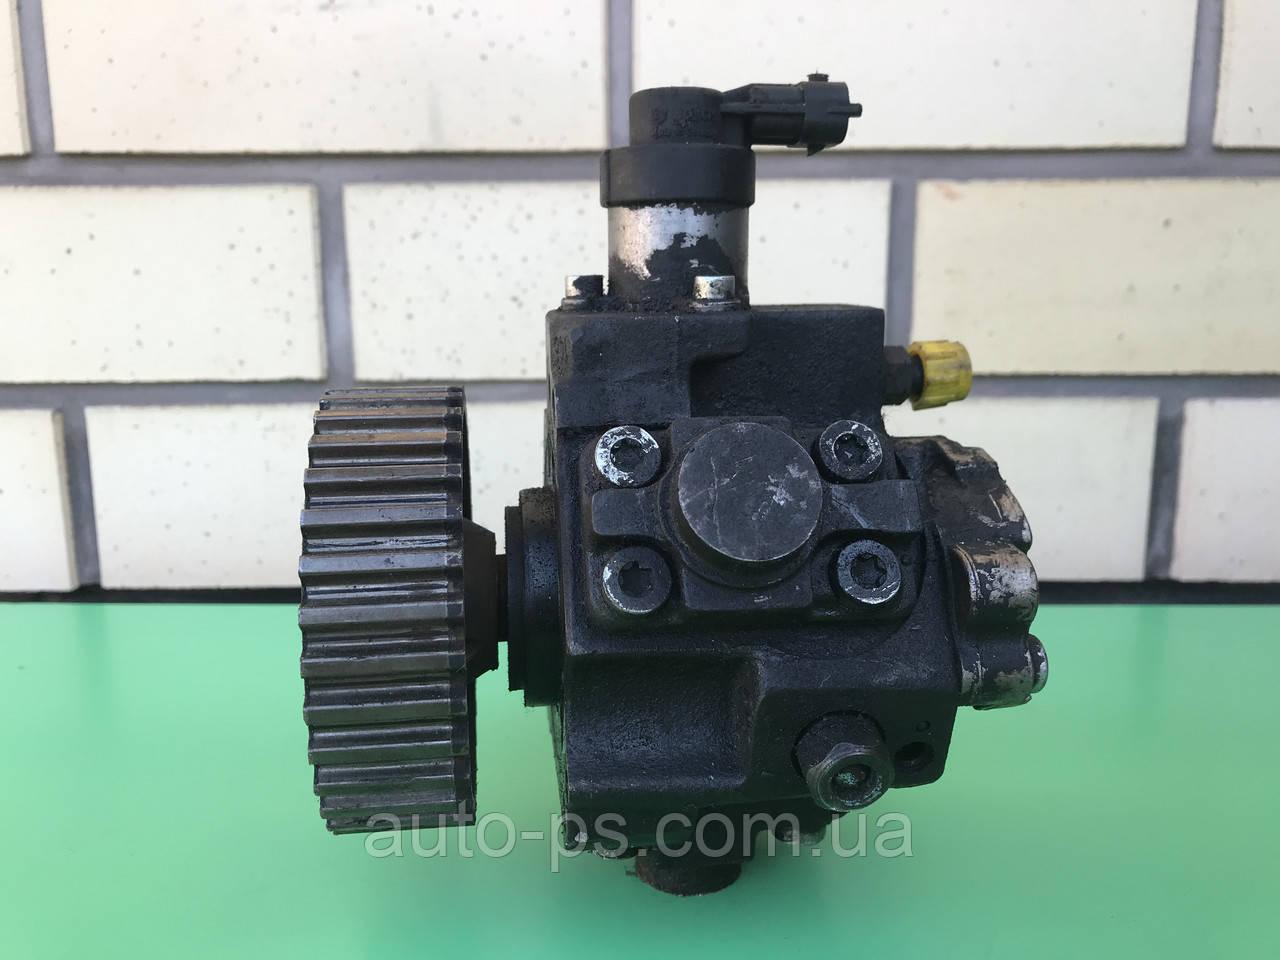 Топливный насос высокого давления (ТНВД) Volvo S40 II 1.6D